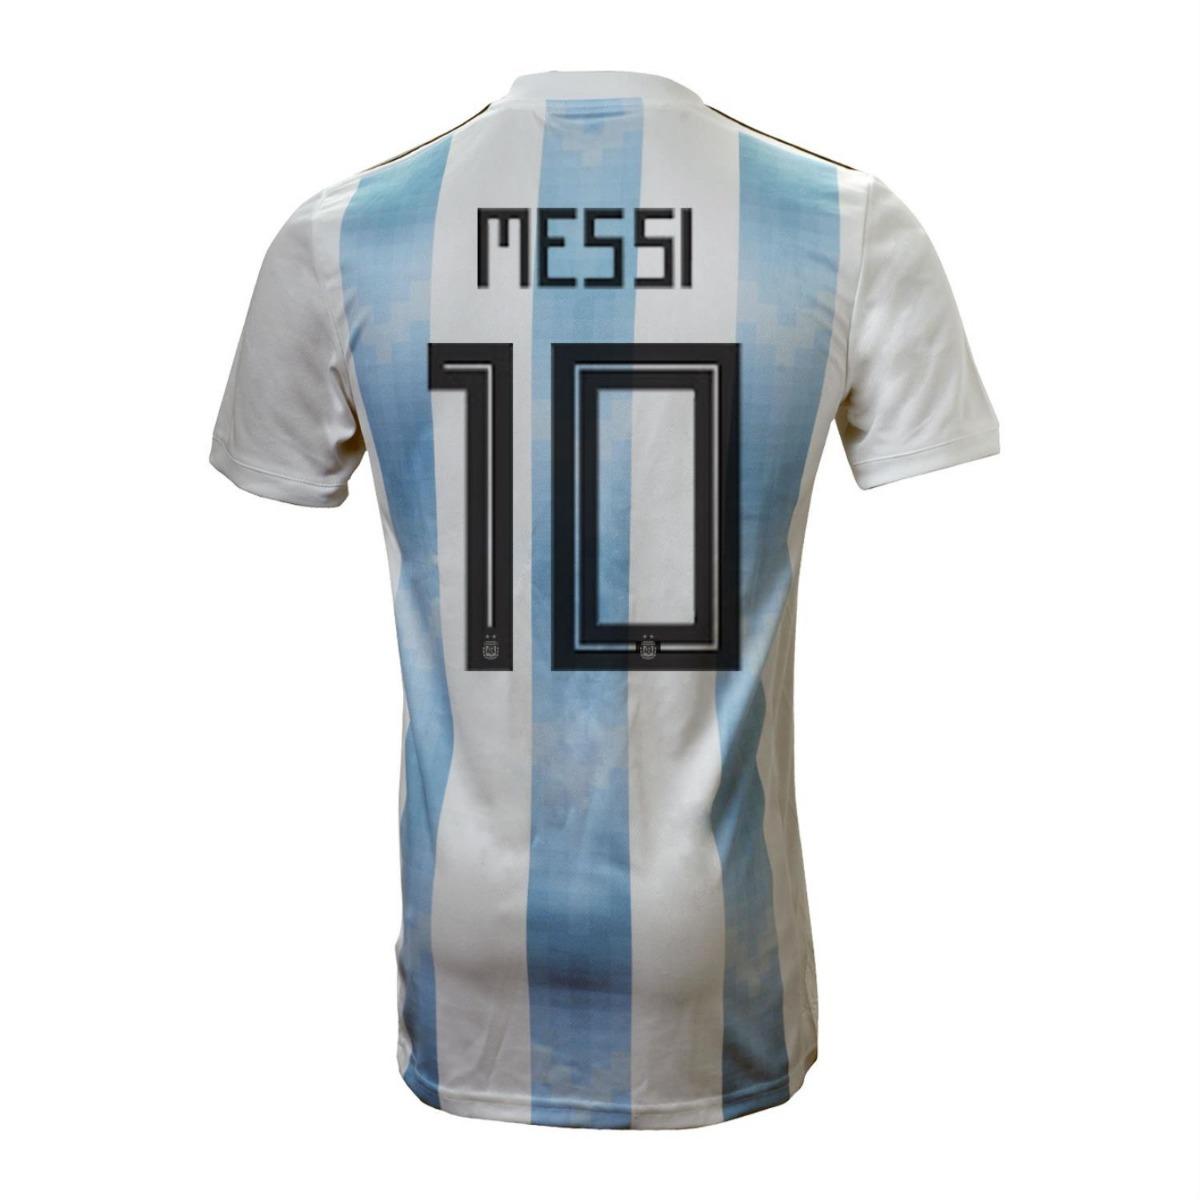 7f5049a2c9 Cargando zoom... argentina 2018 camiseta selección · camiseta selección  oficial argentina adidas climalite m 2018